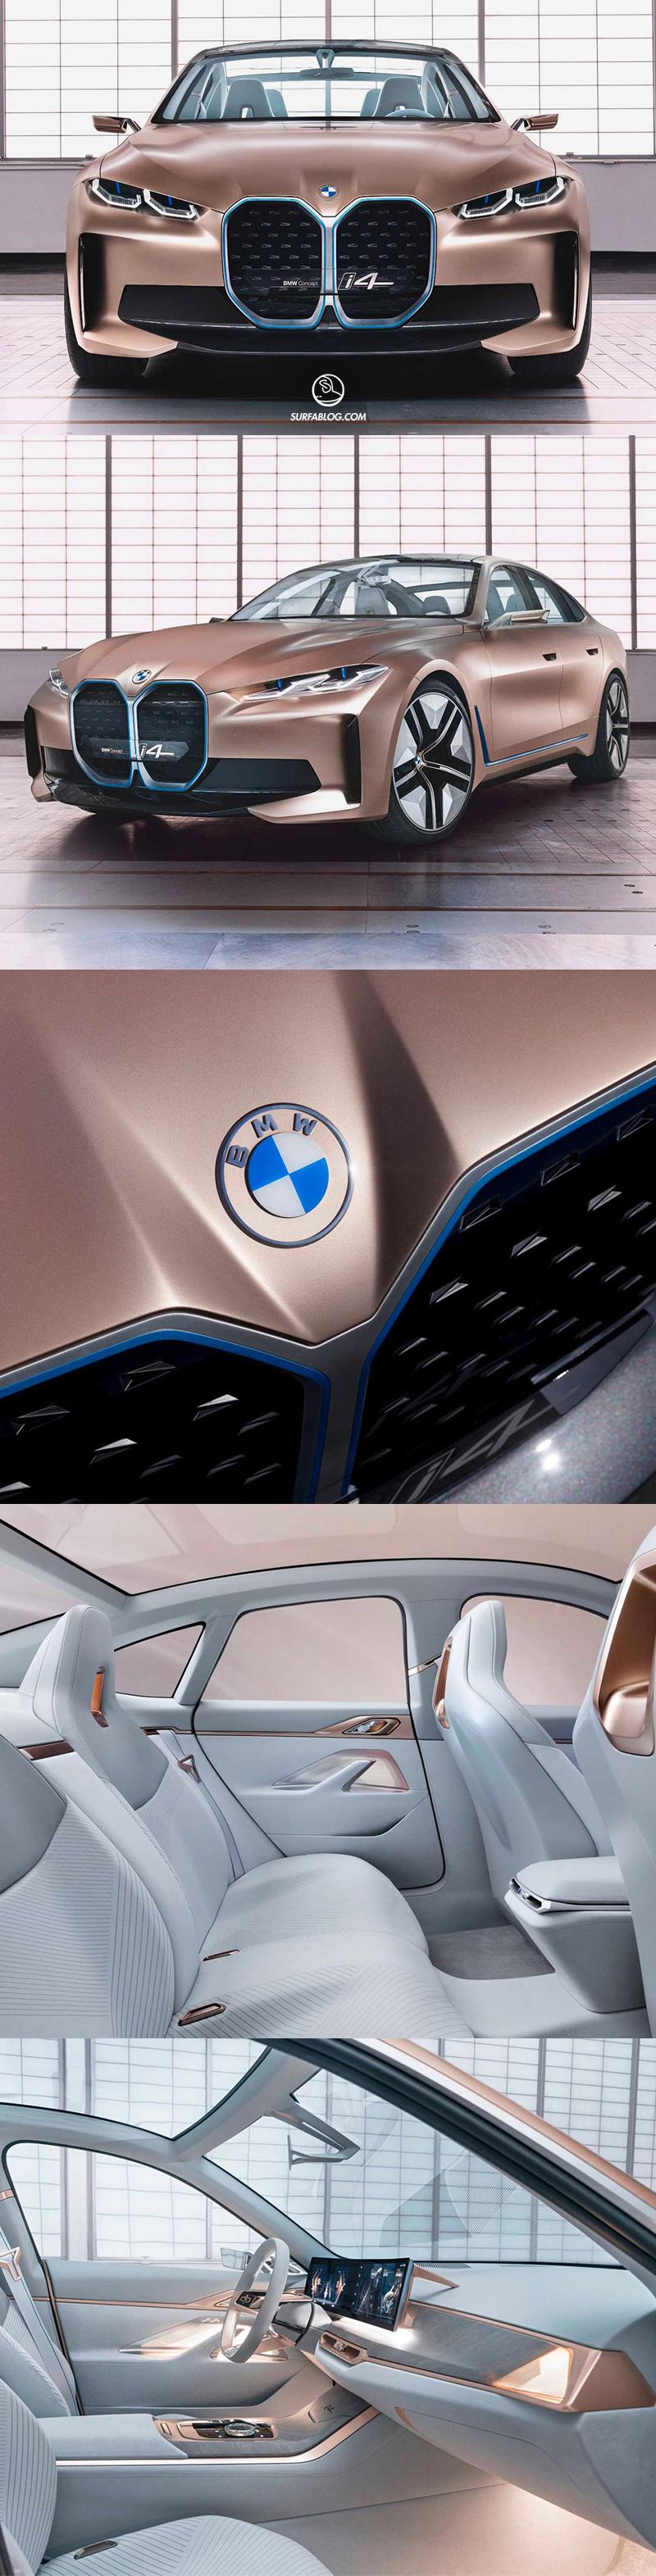 Surfablog Bmw Presenta La Prima Auto Con Il Nuovo Logo